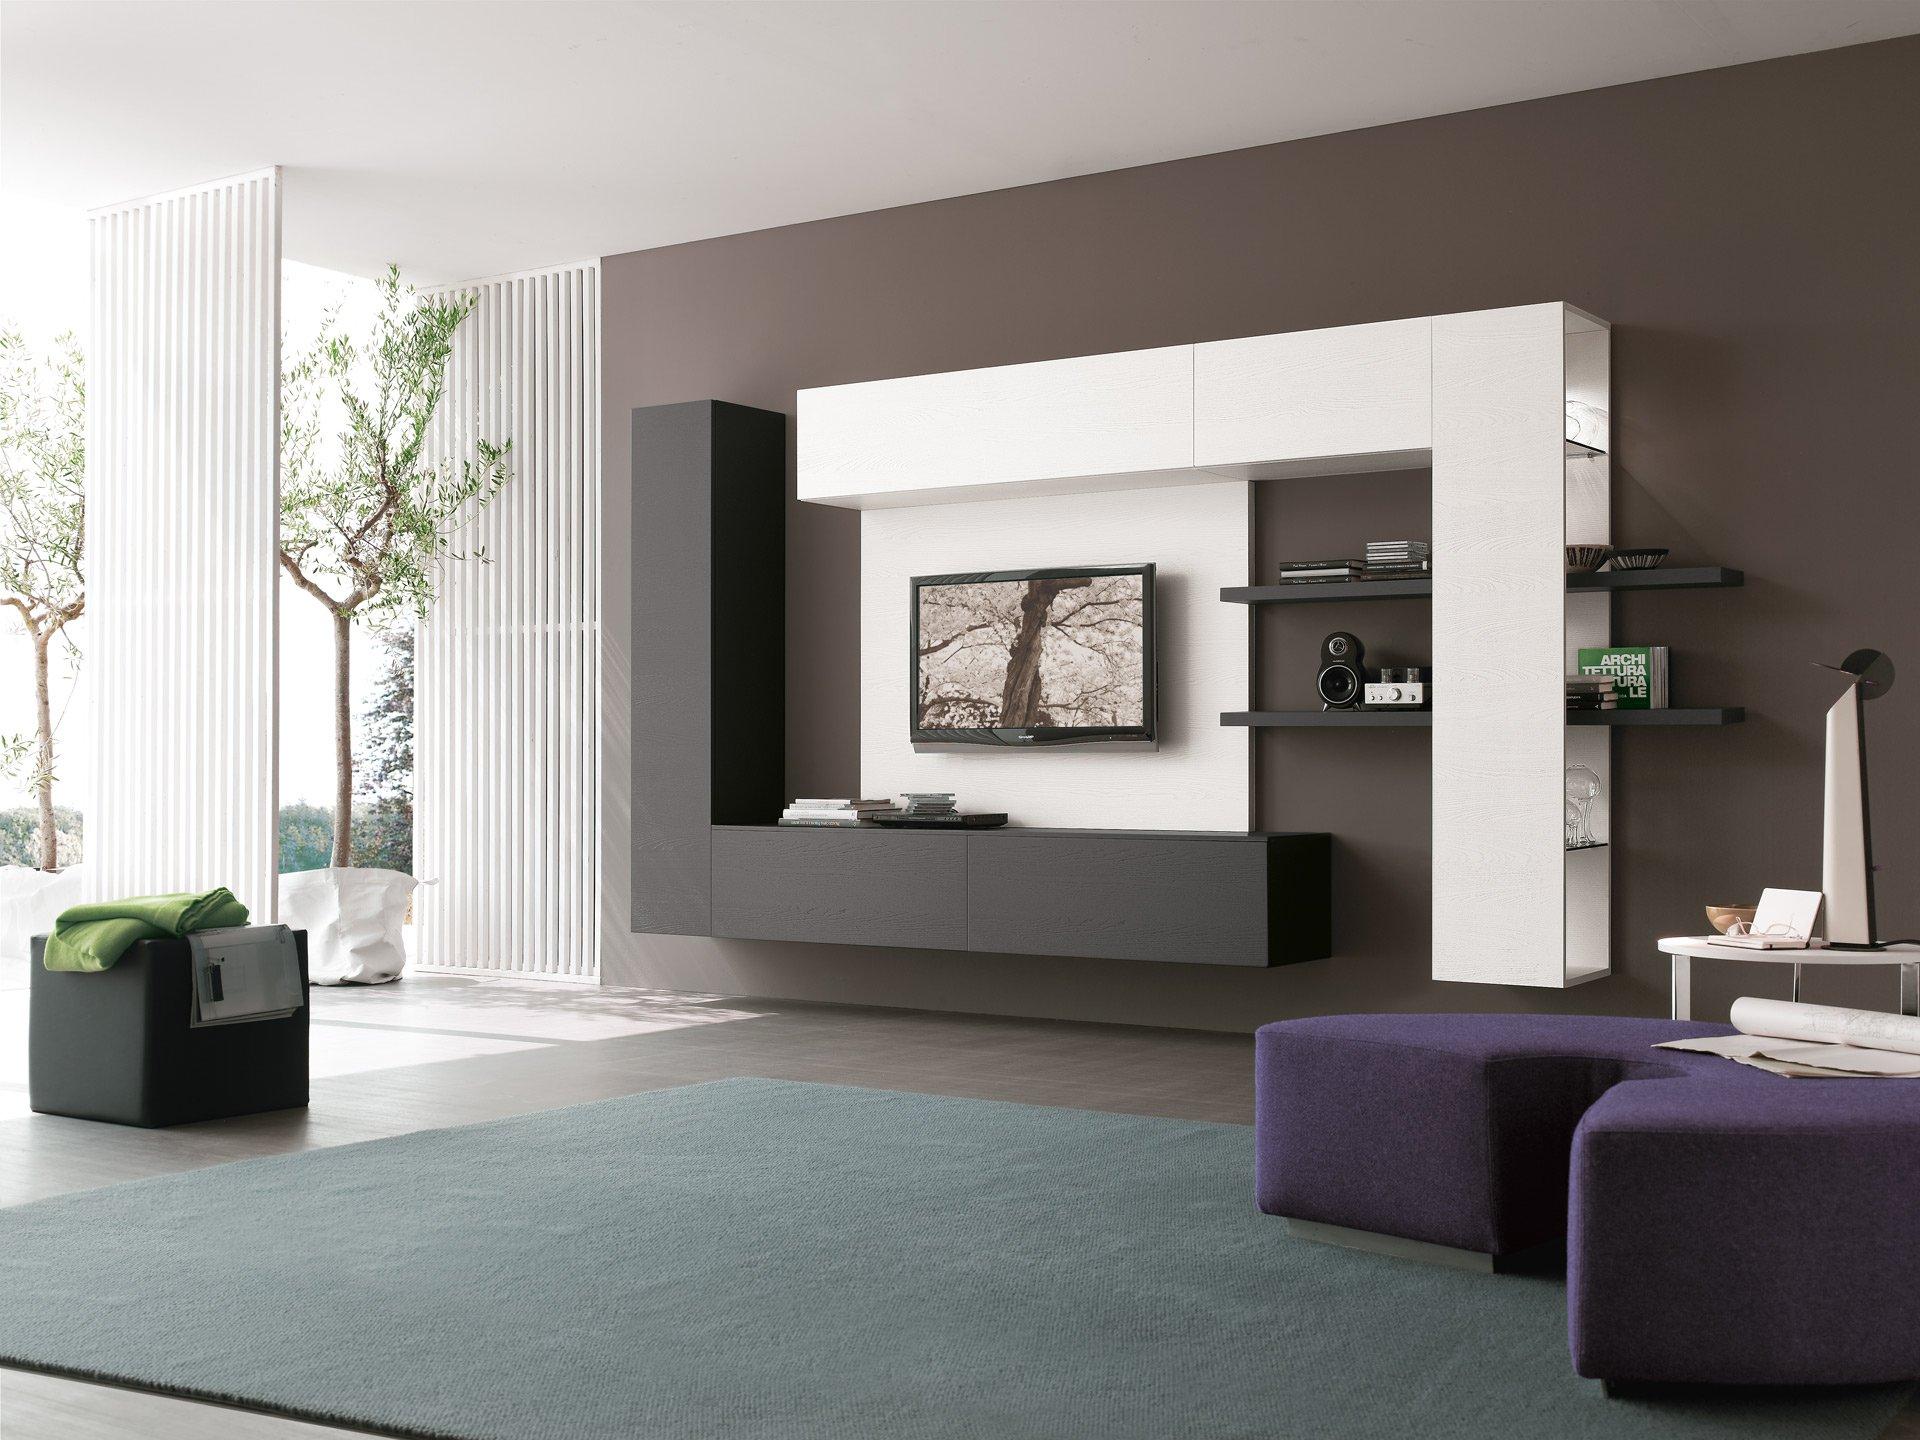 Черно-белые полки в гостиной в стиле минимализм с большими окнами